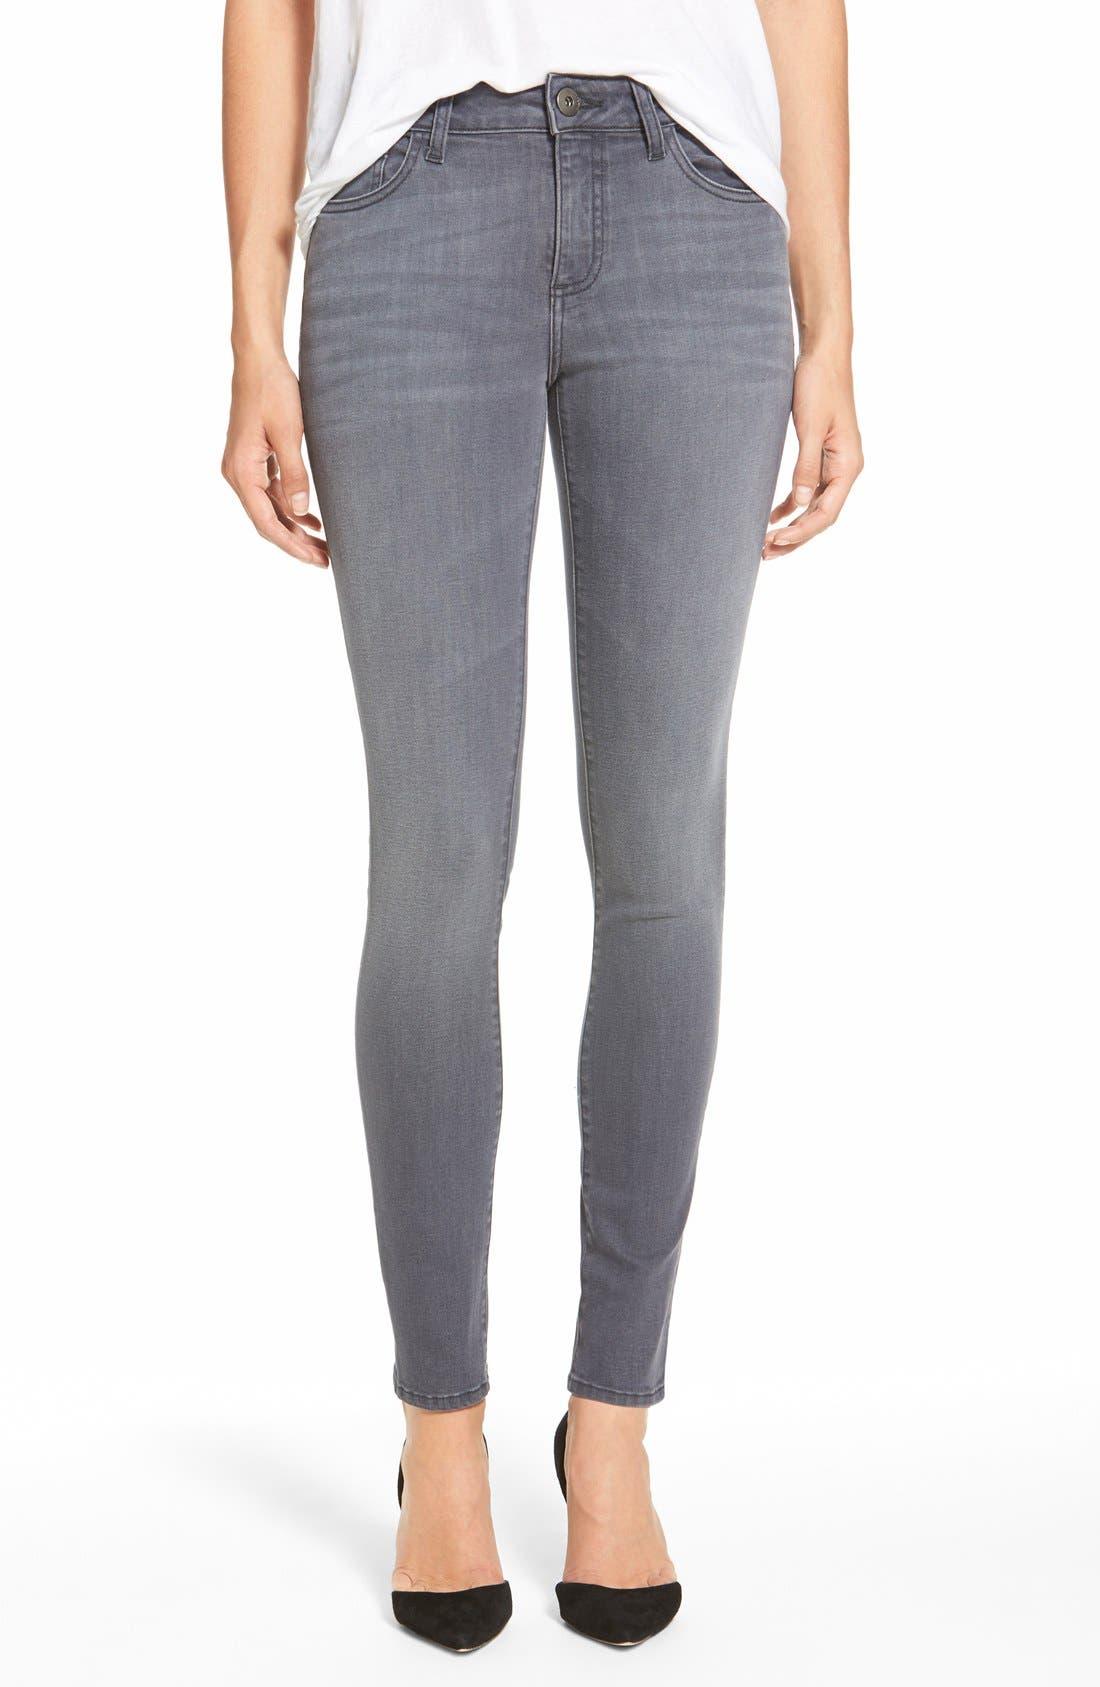 Alternate Image 1 Selected - DL1961 'Florence' Instasculpt Skinny Jeans (Craft)